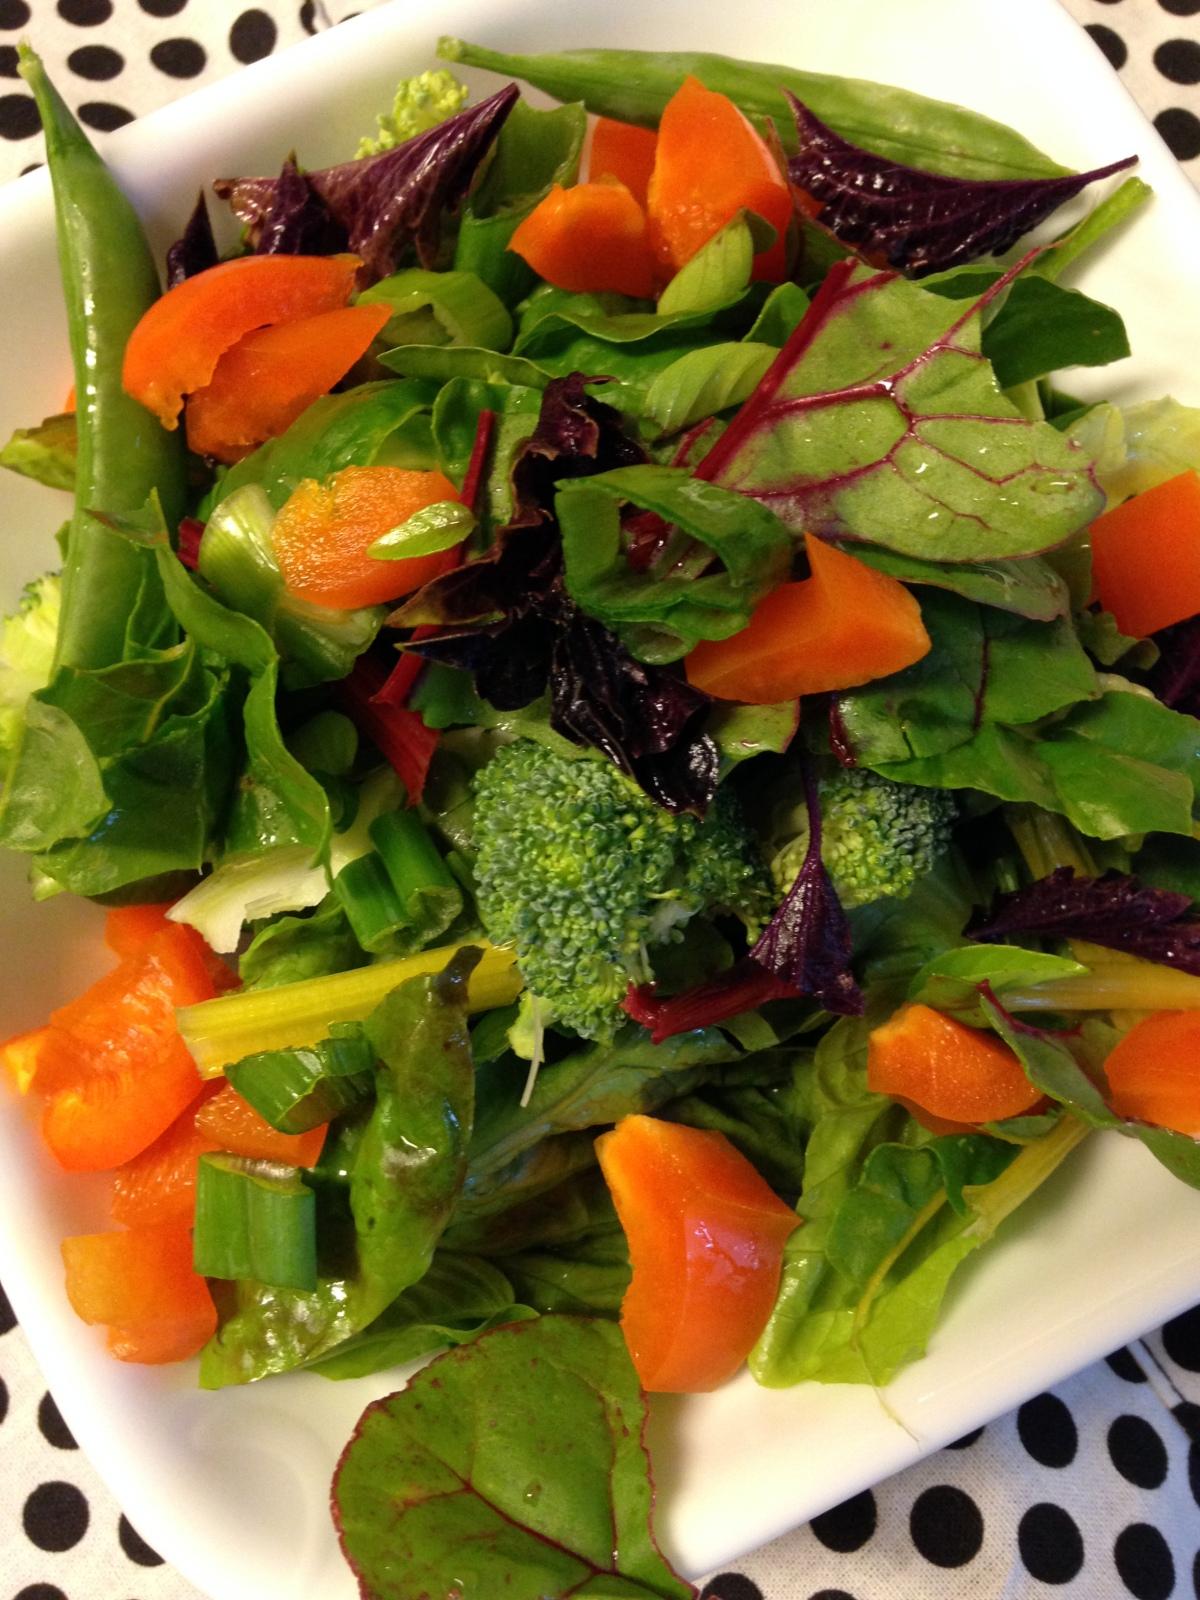 Homegrown Garden Salad